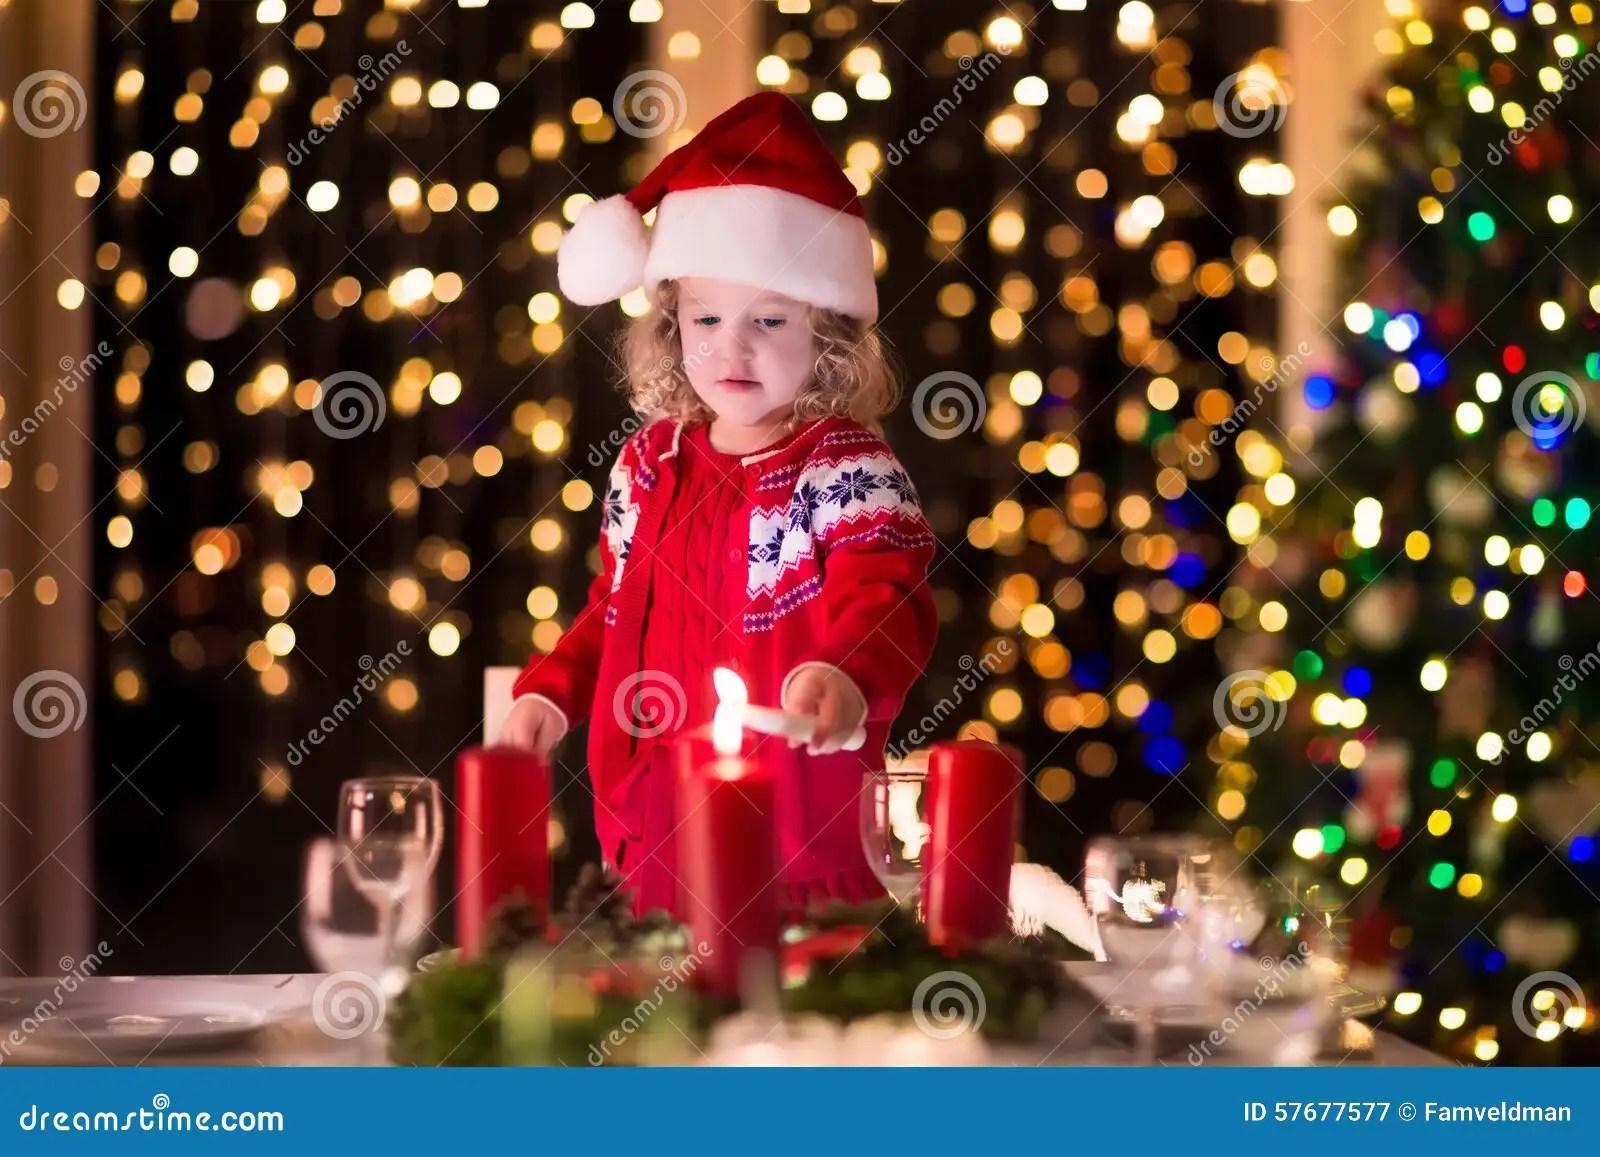 Little Girl Lighting Candles At Christmas Dinner Stock